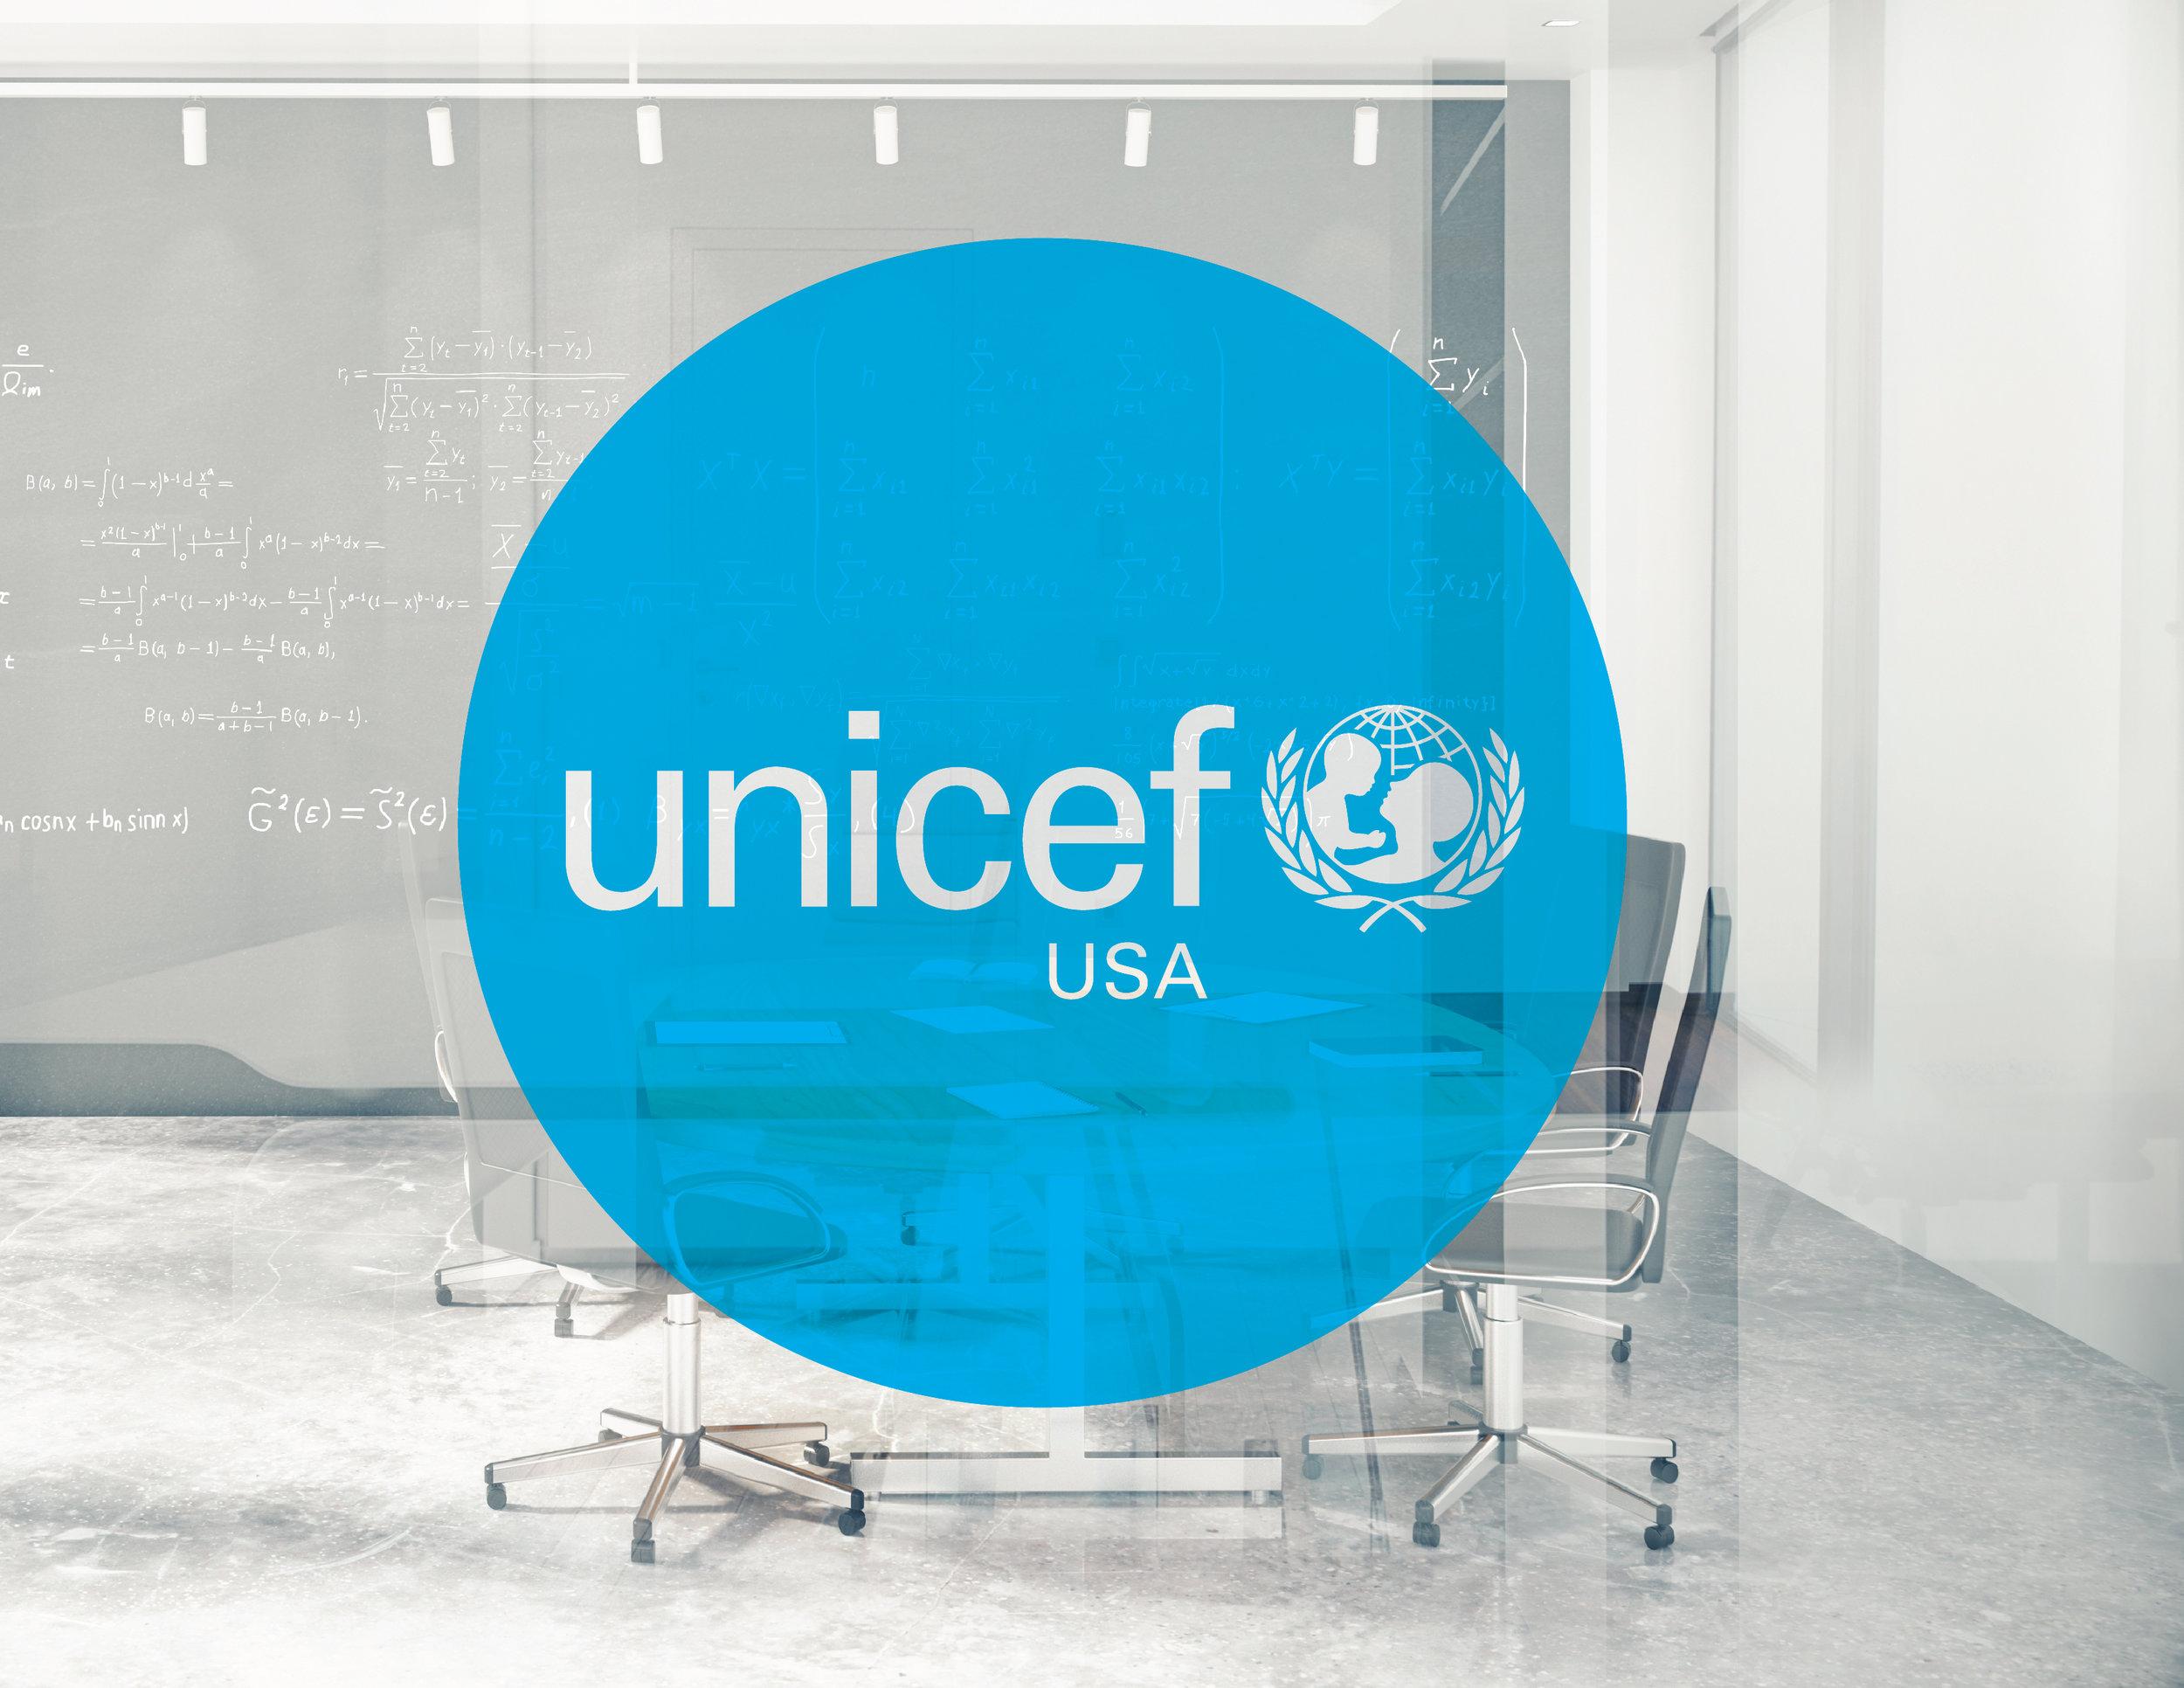 Unicef_Carosel.jpg